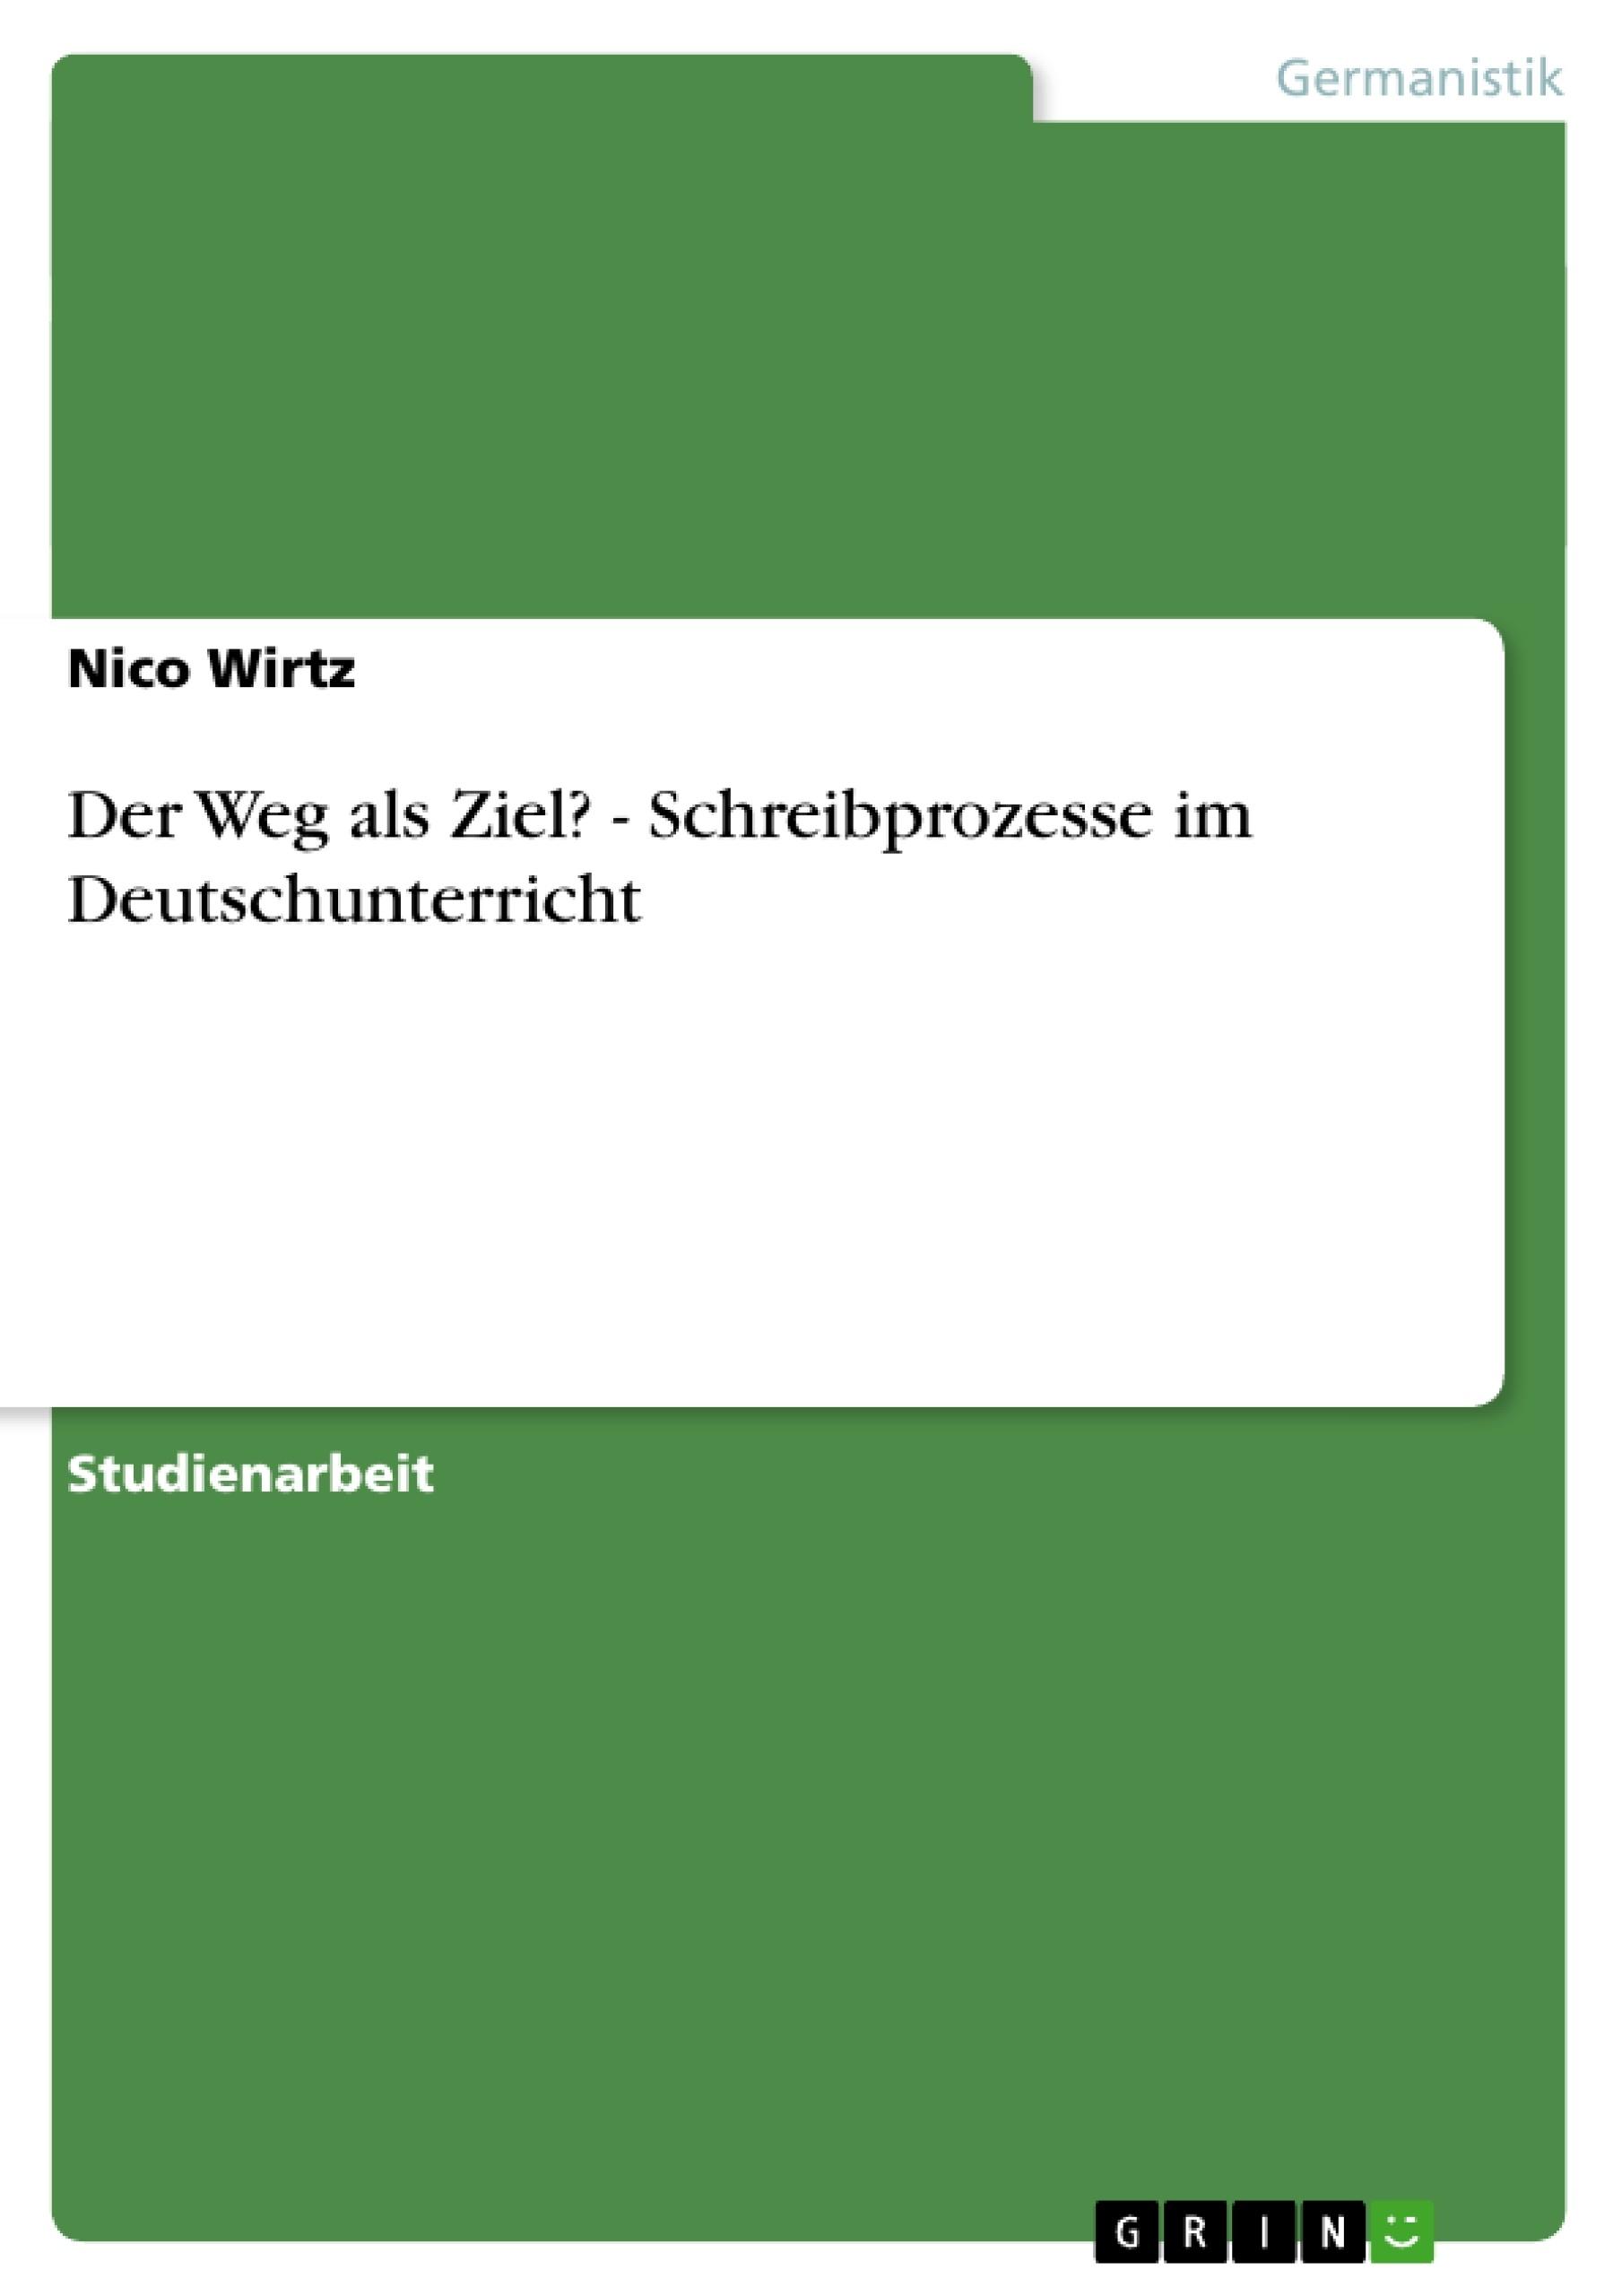 Titel: Der Weg als Ziel? - Schreibprozesse im Deutschunterricht